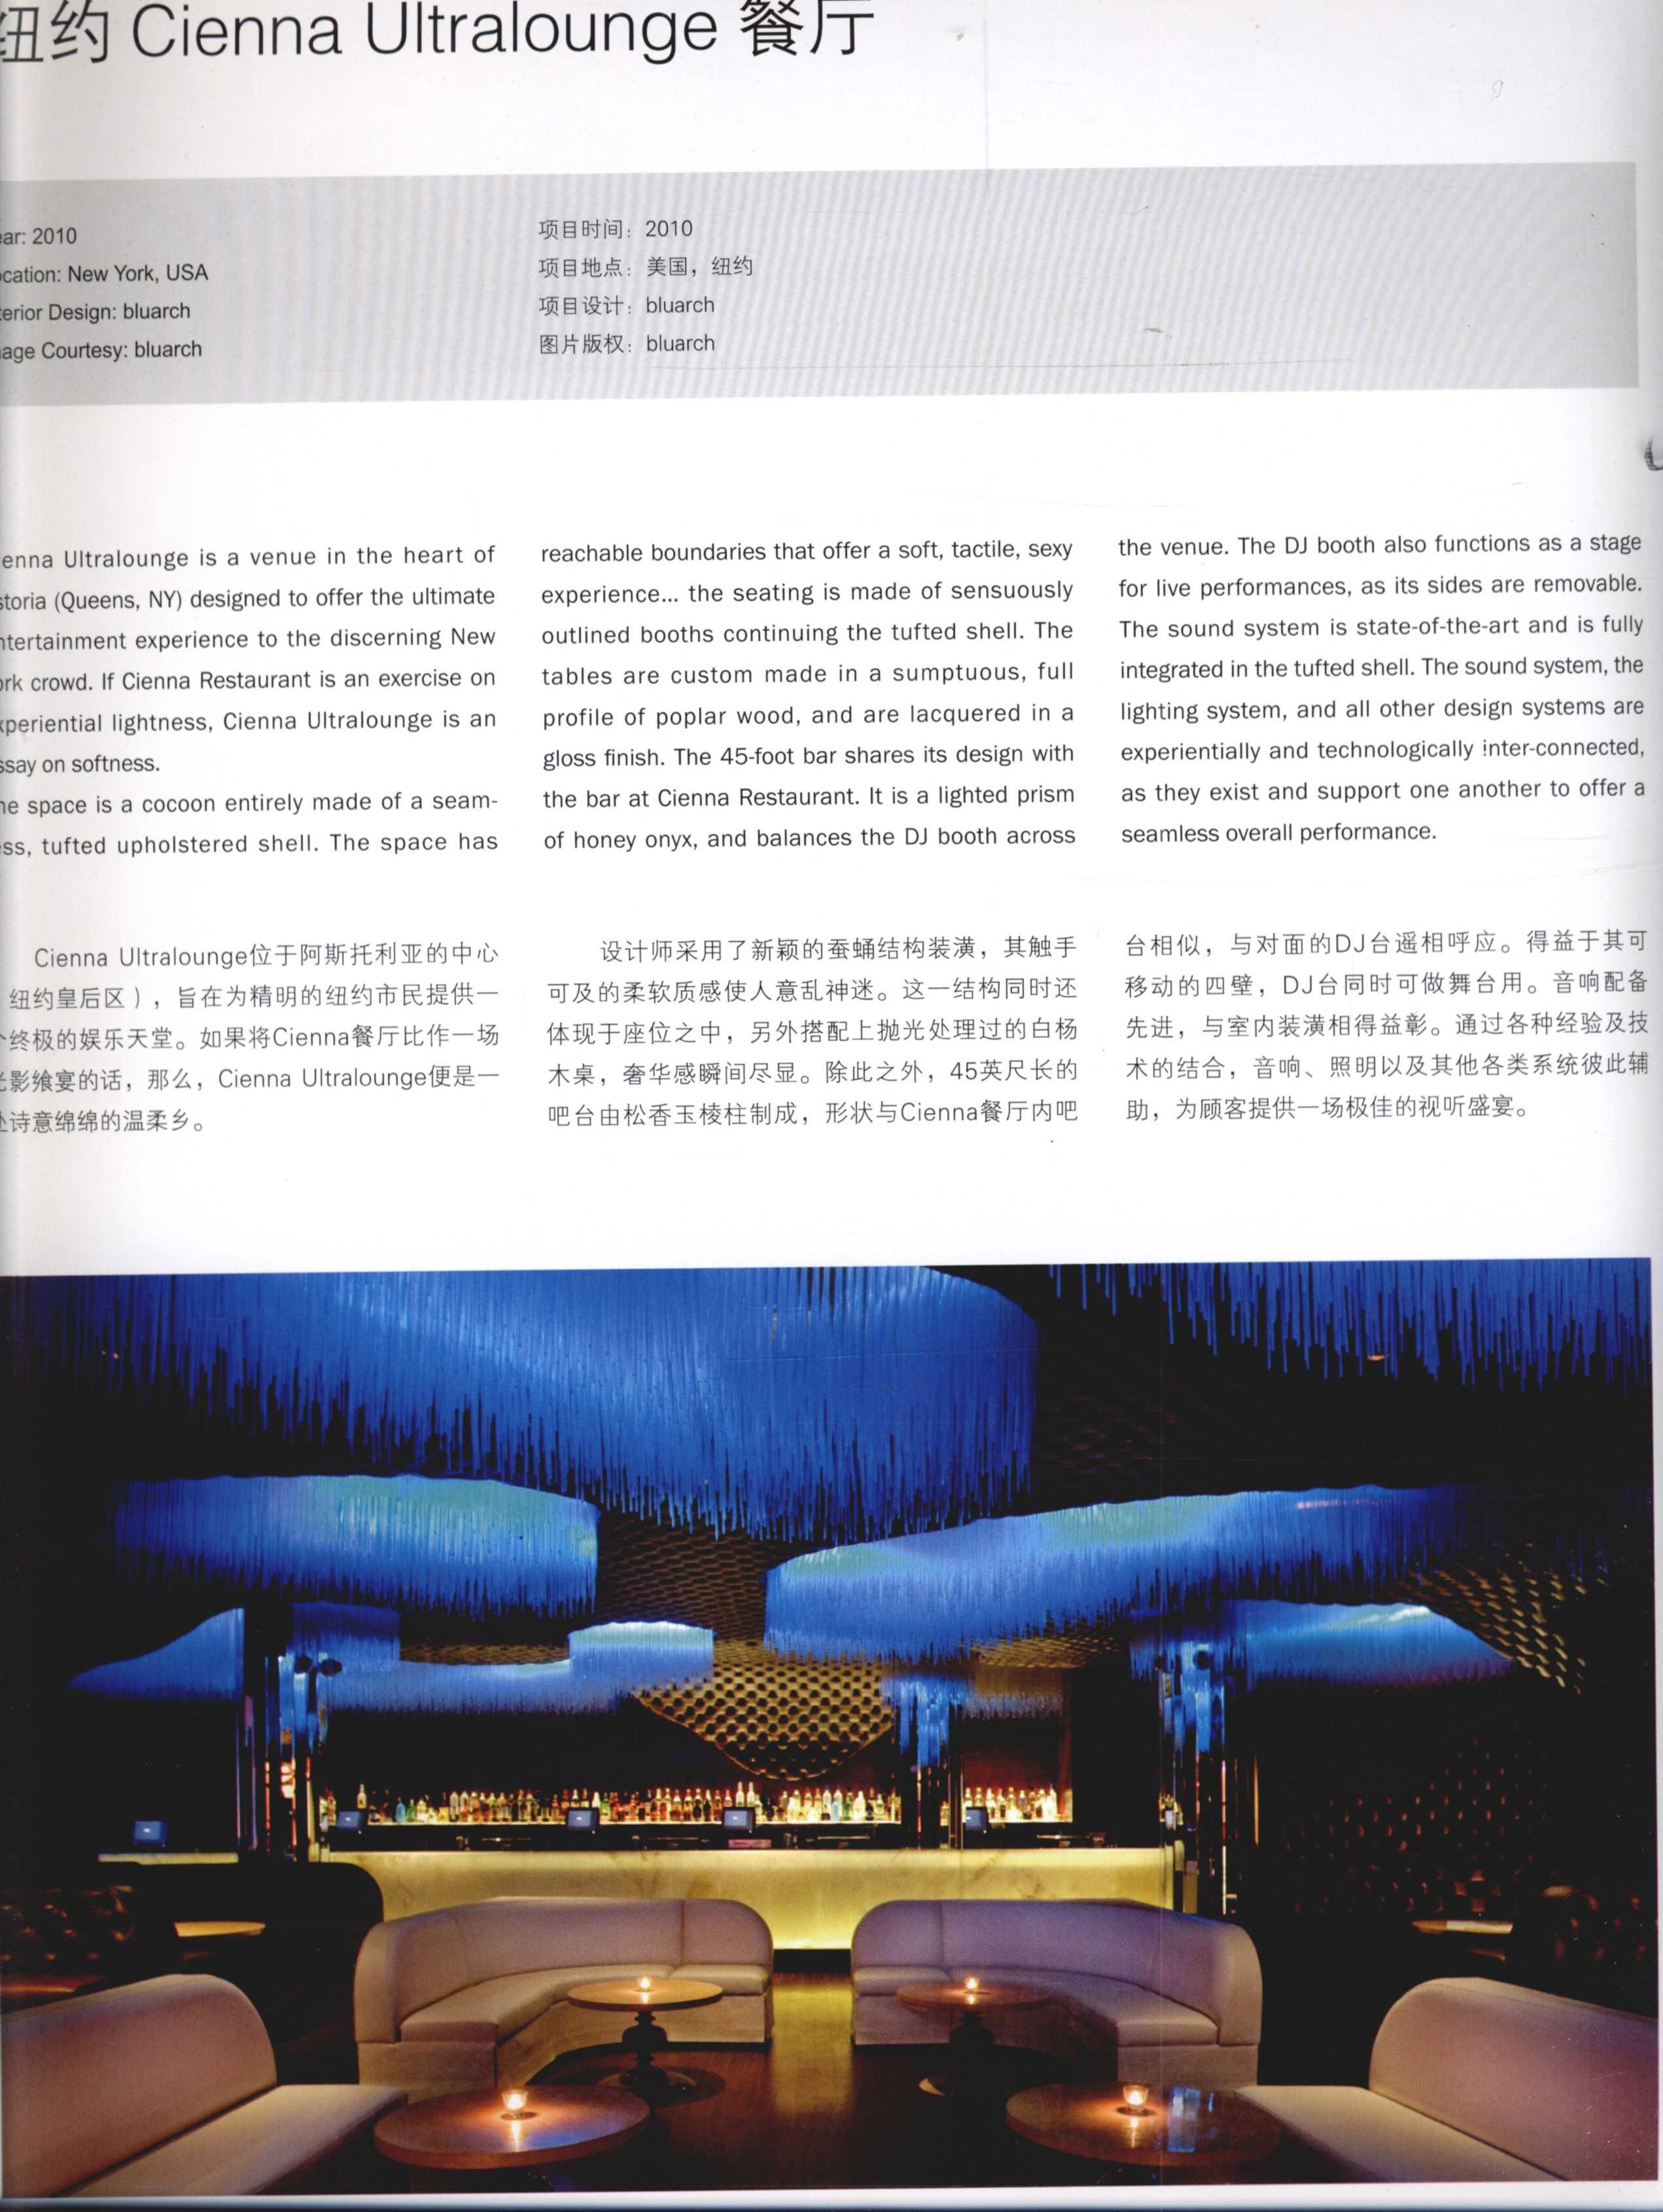 2012全球室内设计年鉴  餐饮_Page_042.jpg